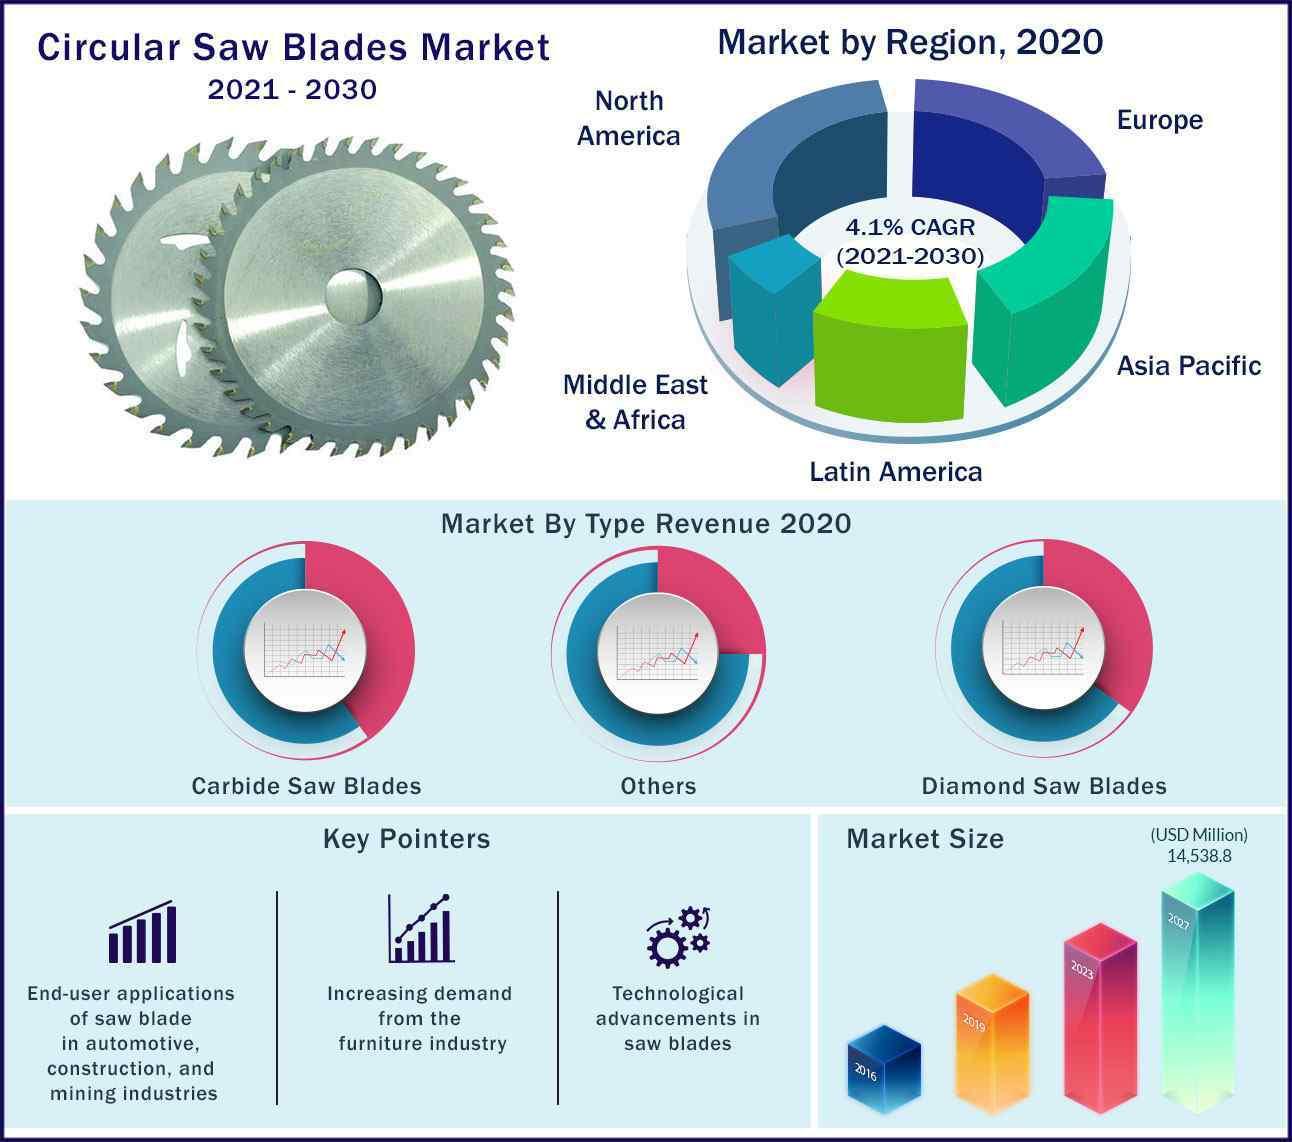 Global Circular Saw Blades Market 2021 to 2030